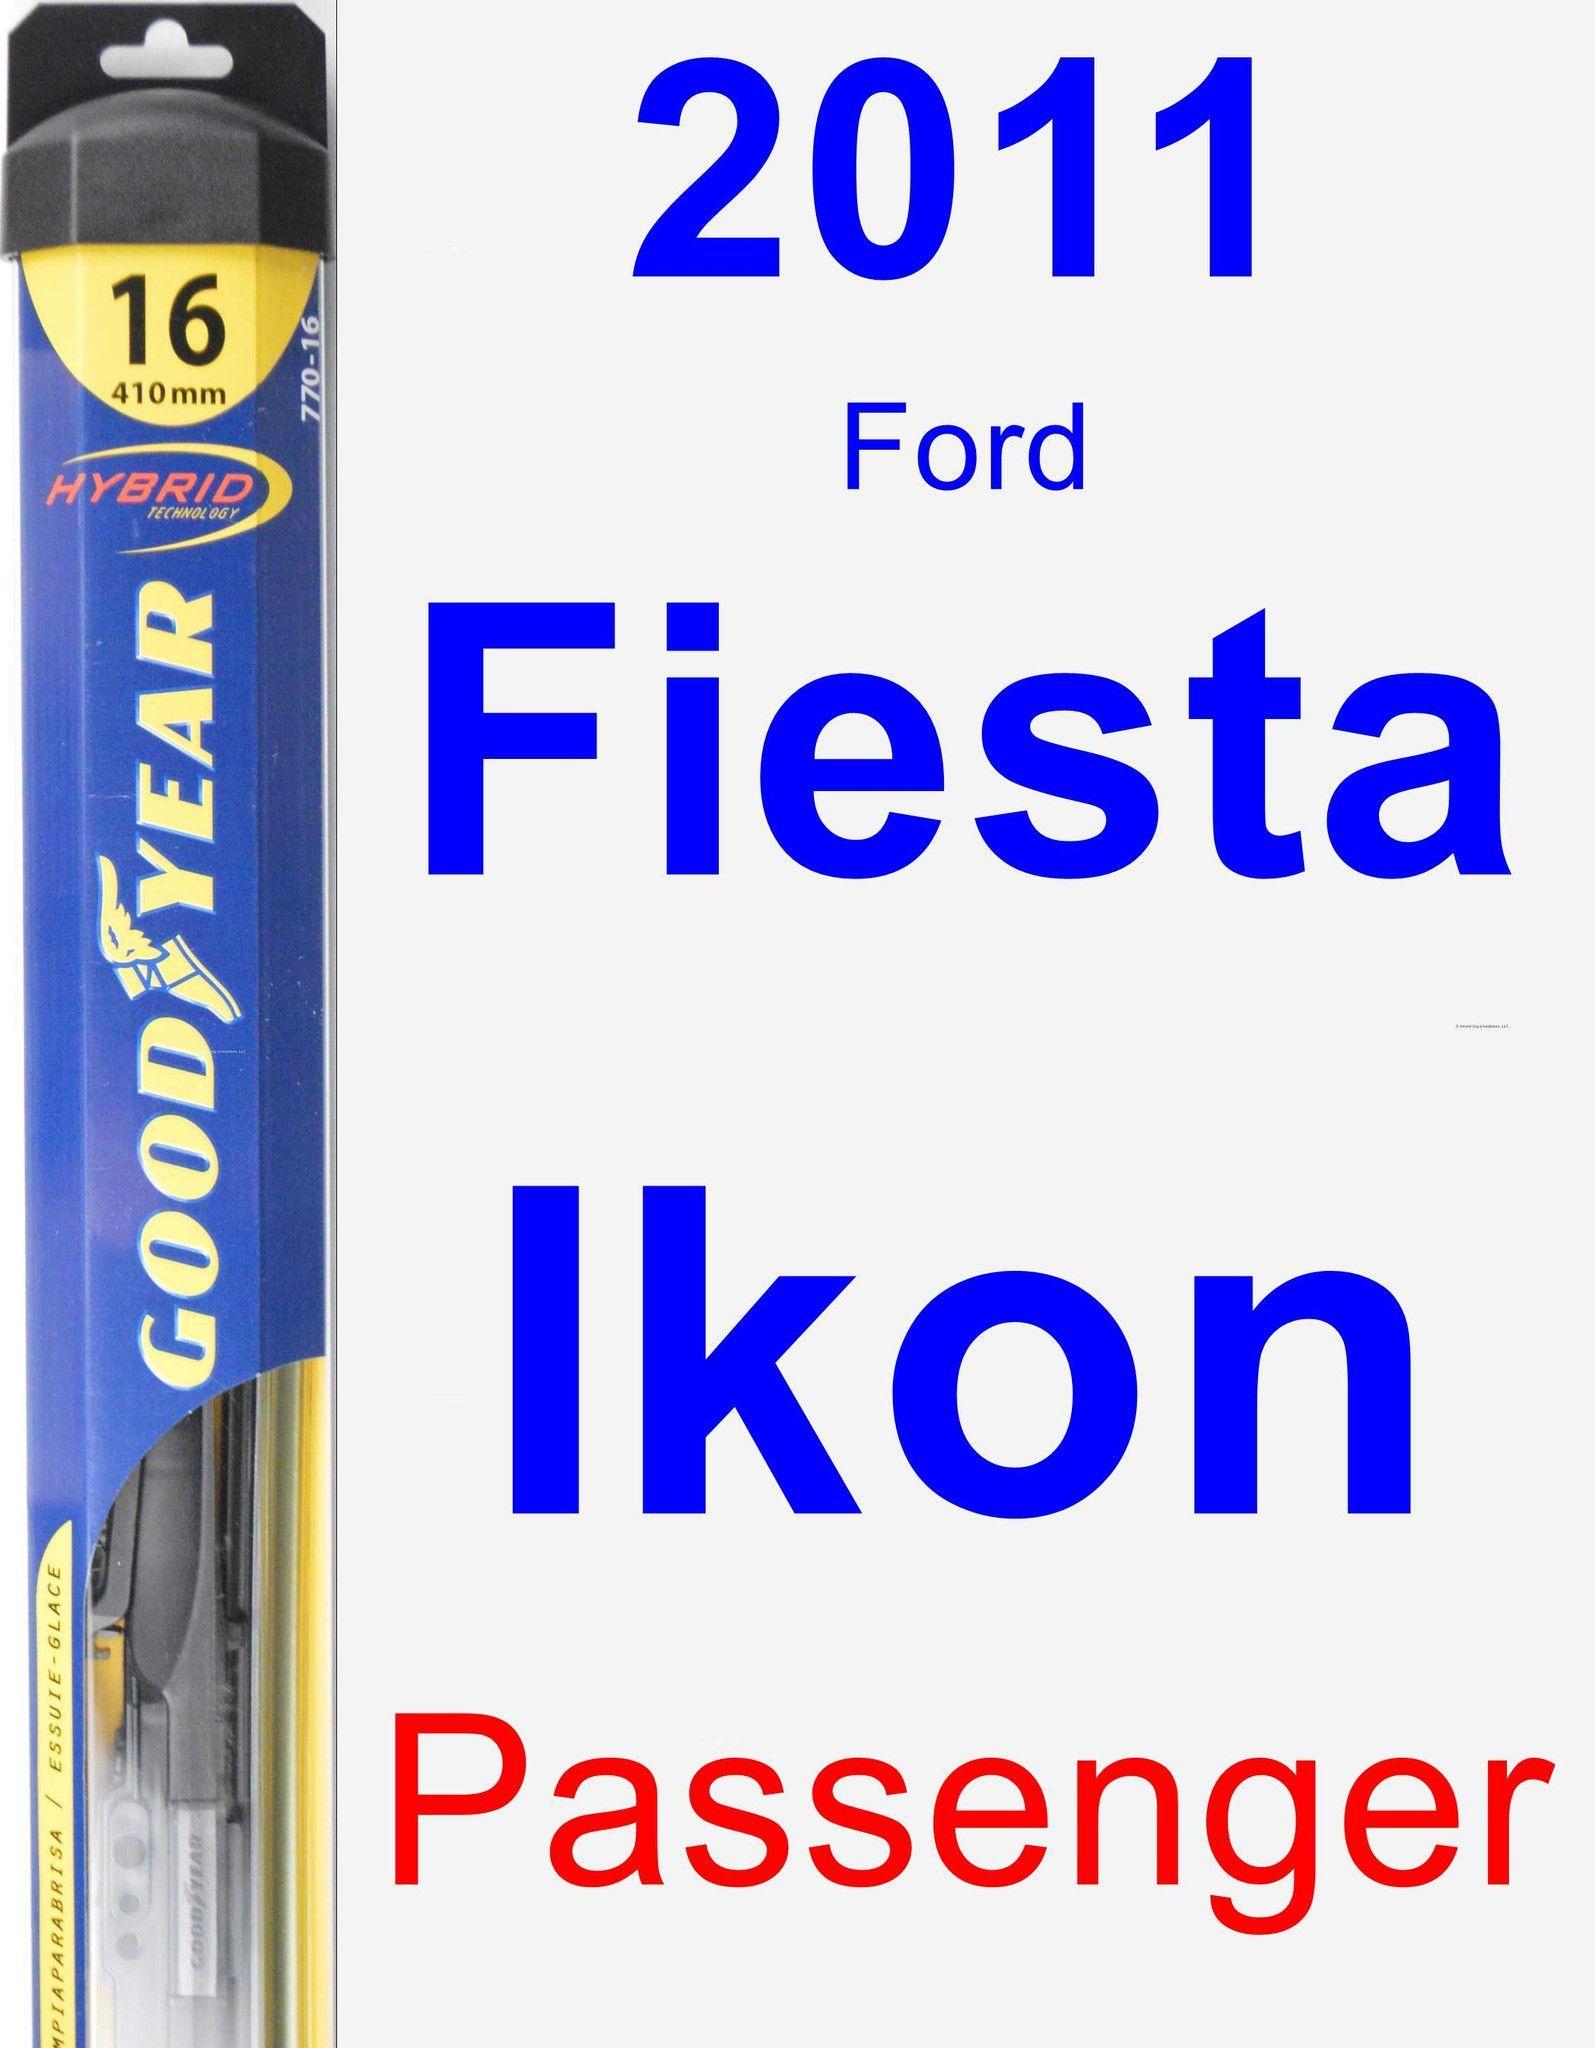 Passenger Wiper Blade For 2011 Ford Fiesta Ikon Hybrid